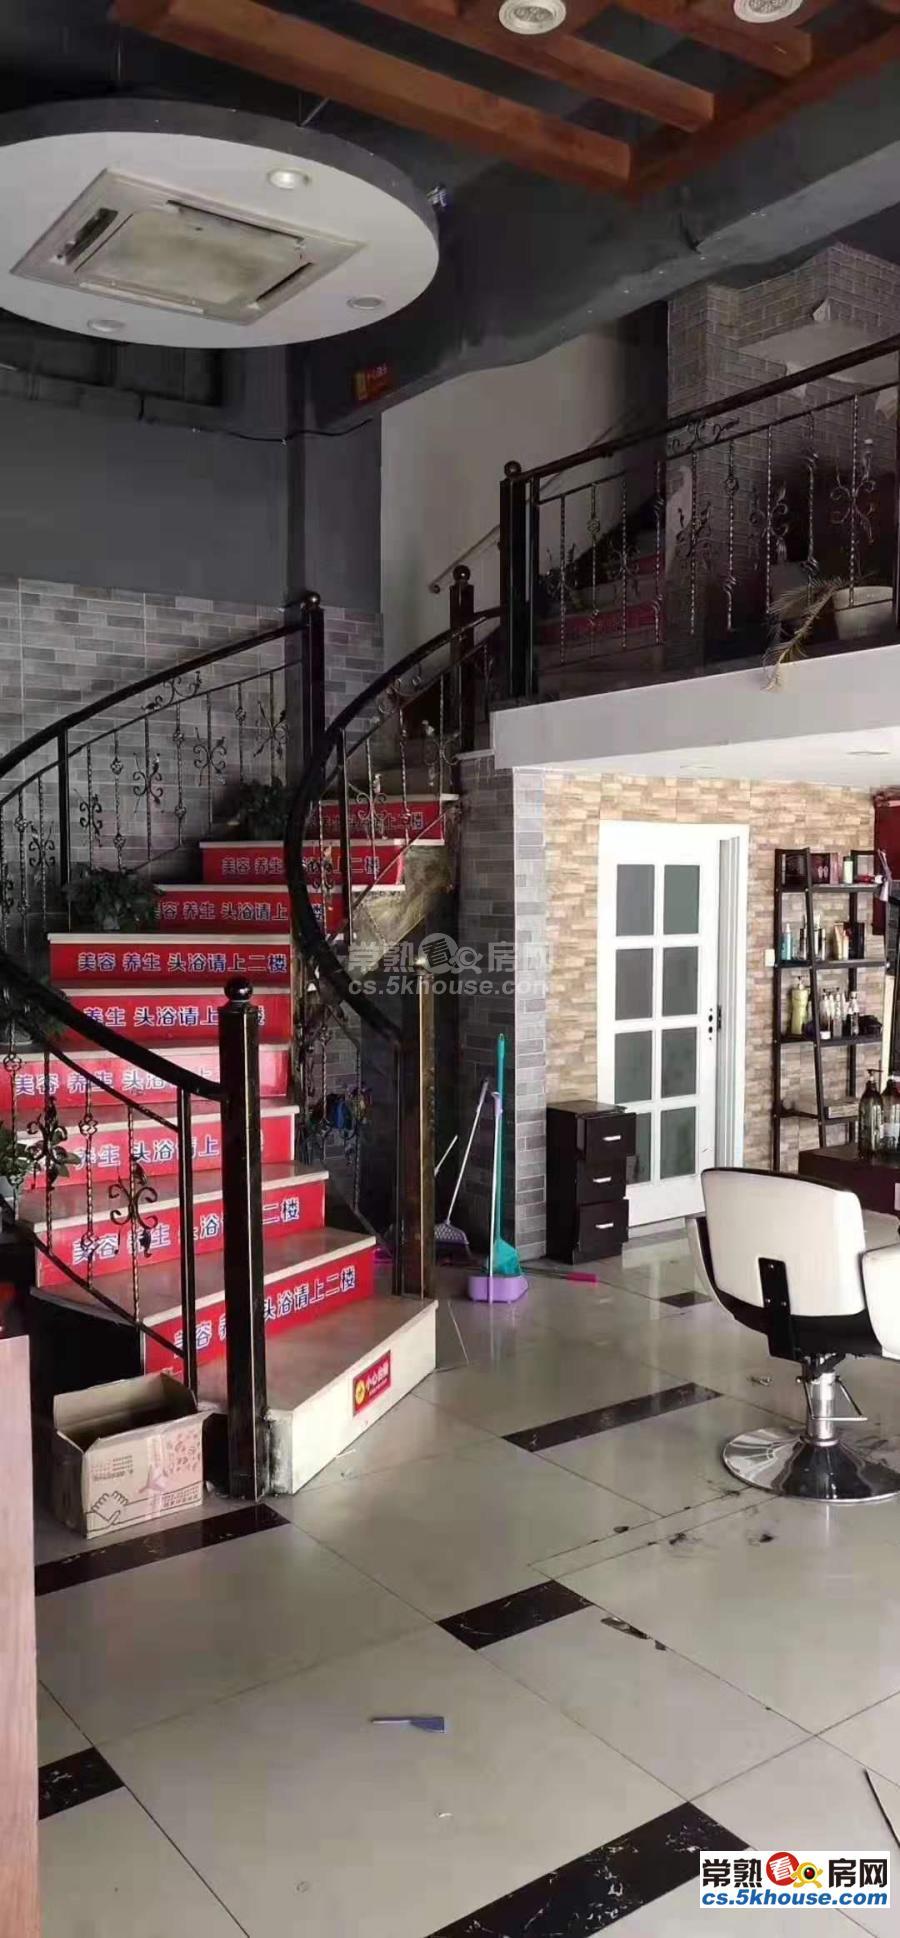 报慈北路门面房 一楼三开间120平 二楼230平 原美容行业 装修好 可分租